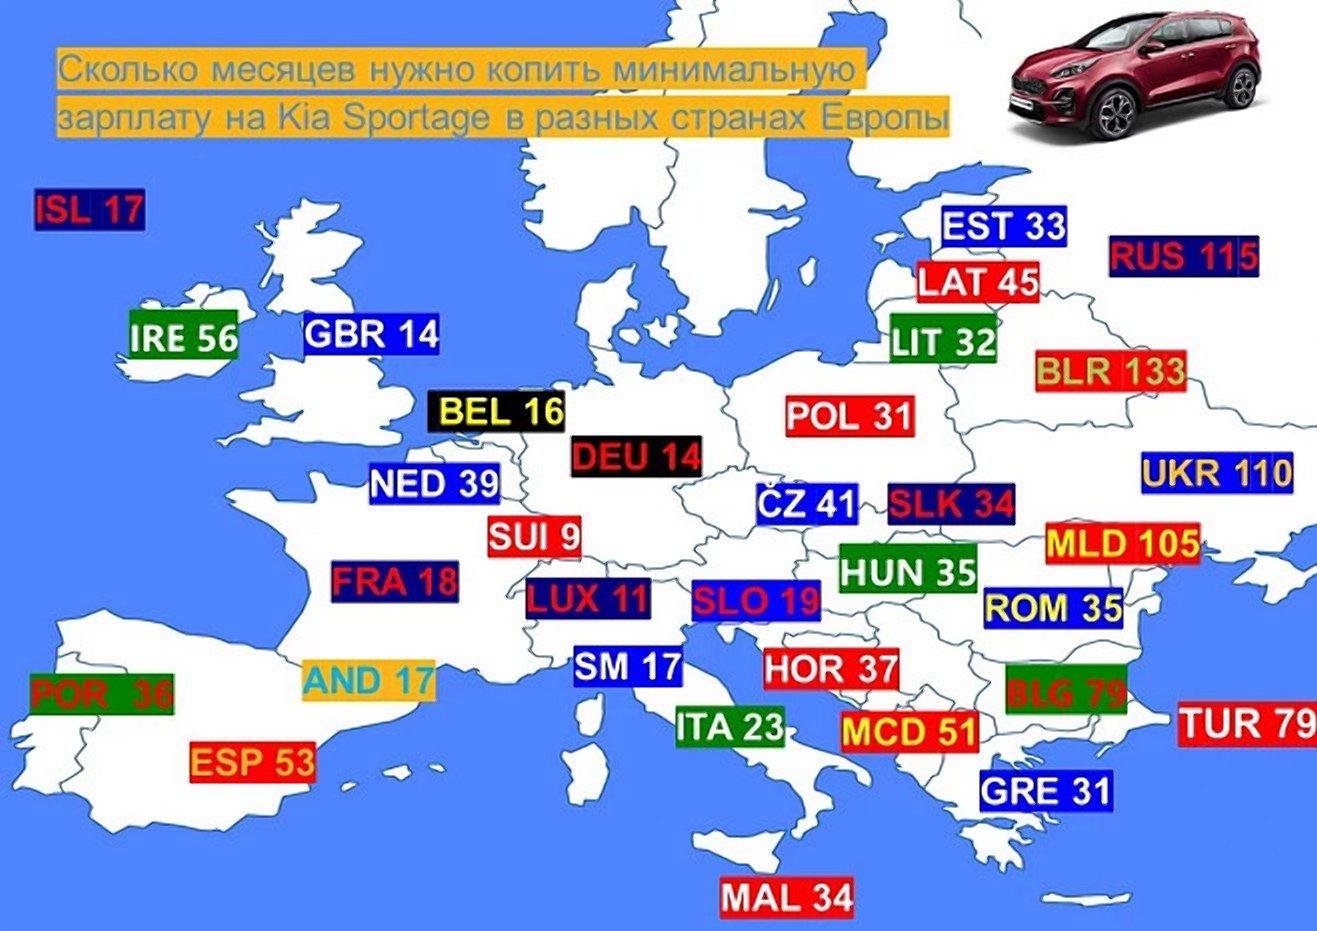 Скільки зарплат українцям потрібно відкласти на покупку Kia Sportage